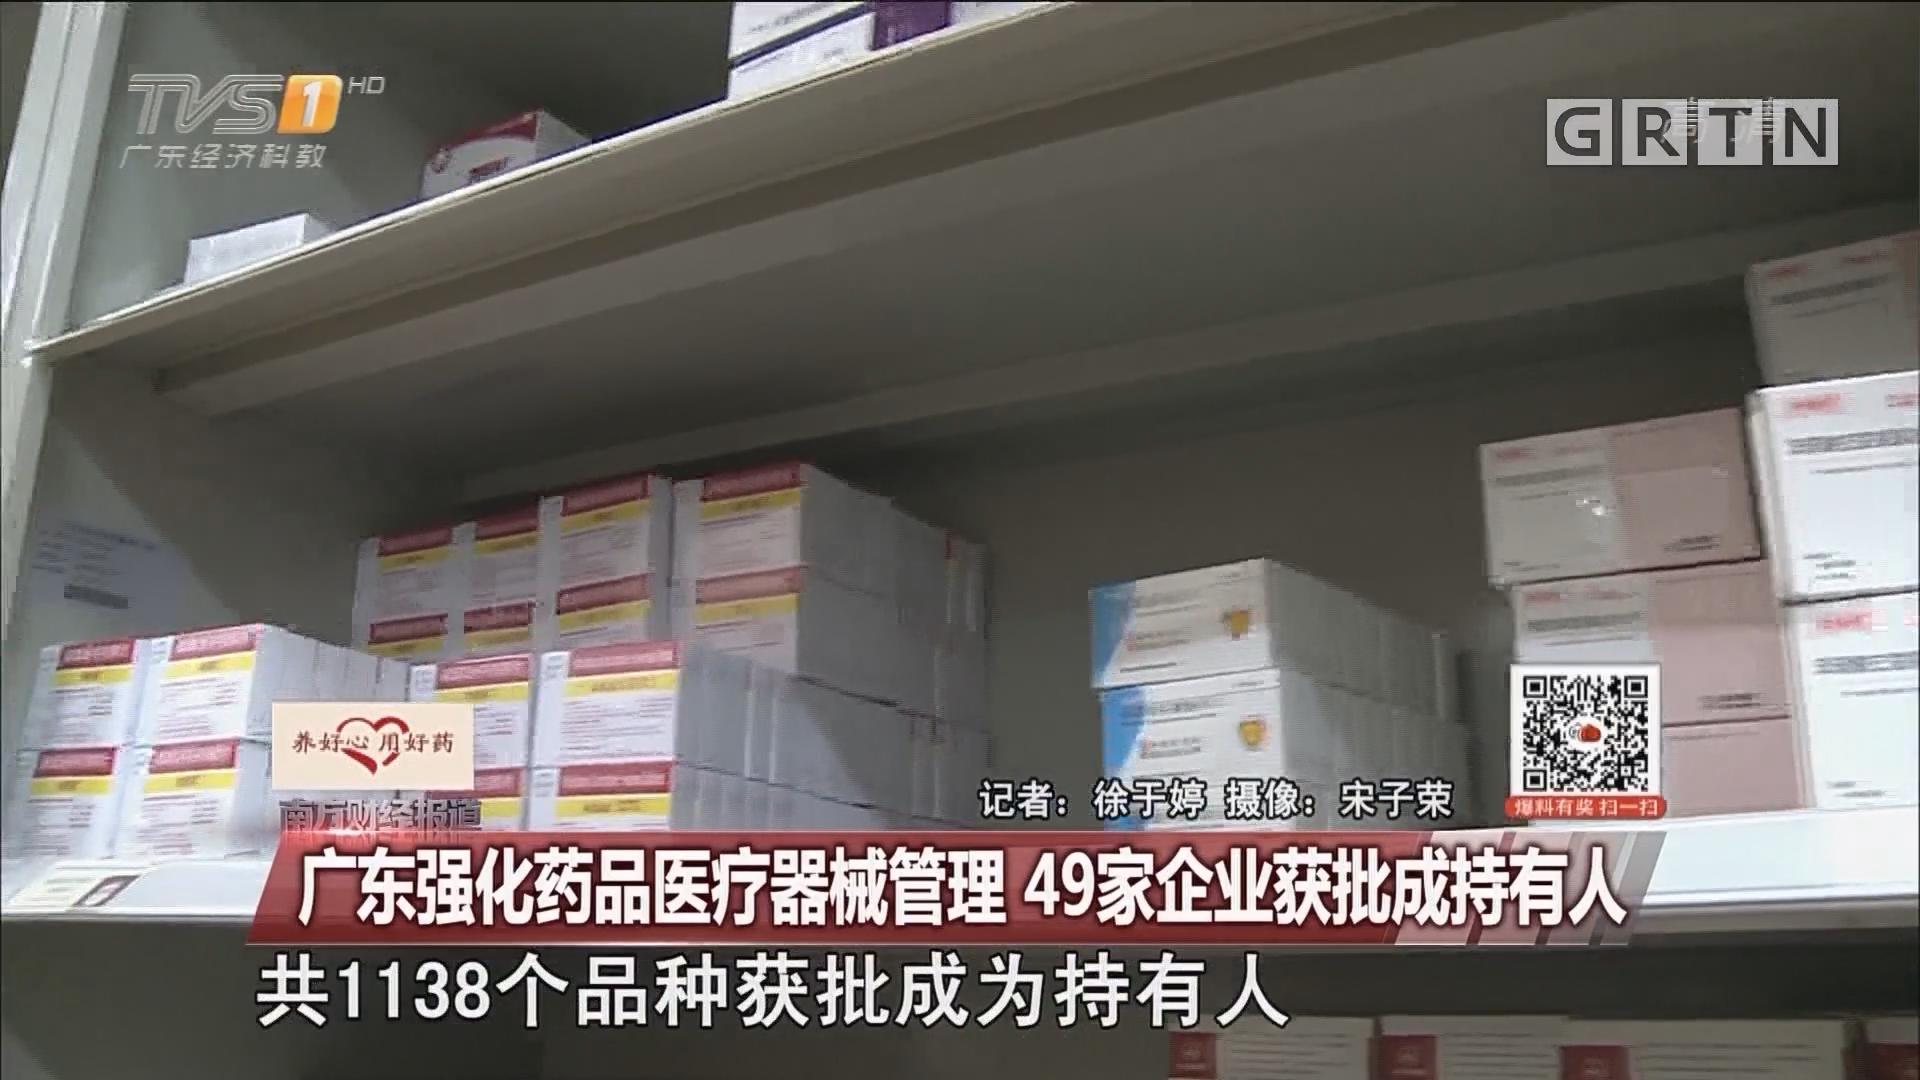 广东强化药品医疗器械管理 49家企业获批成持有人